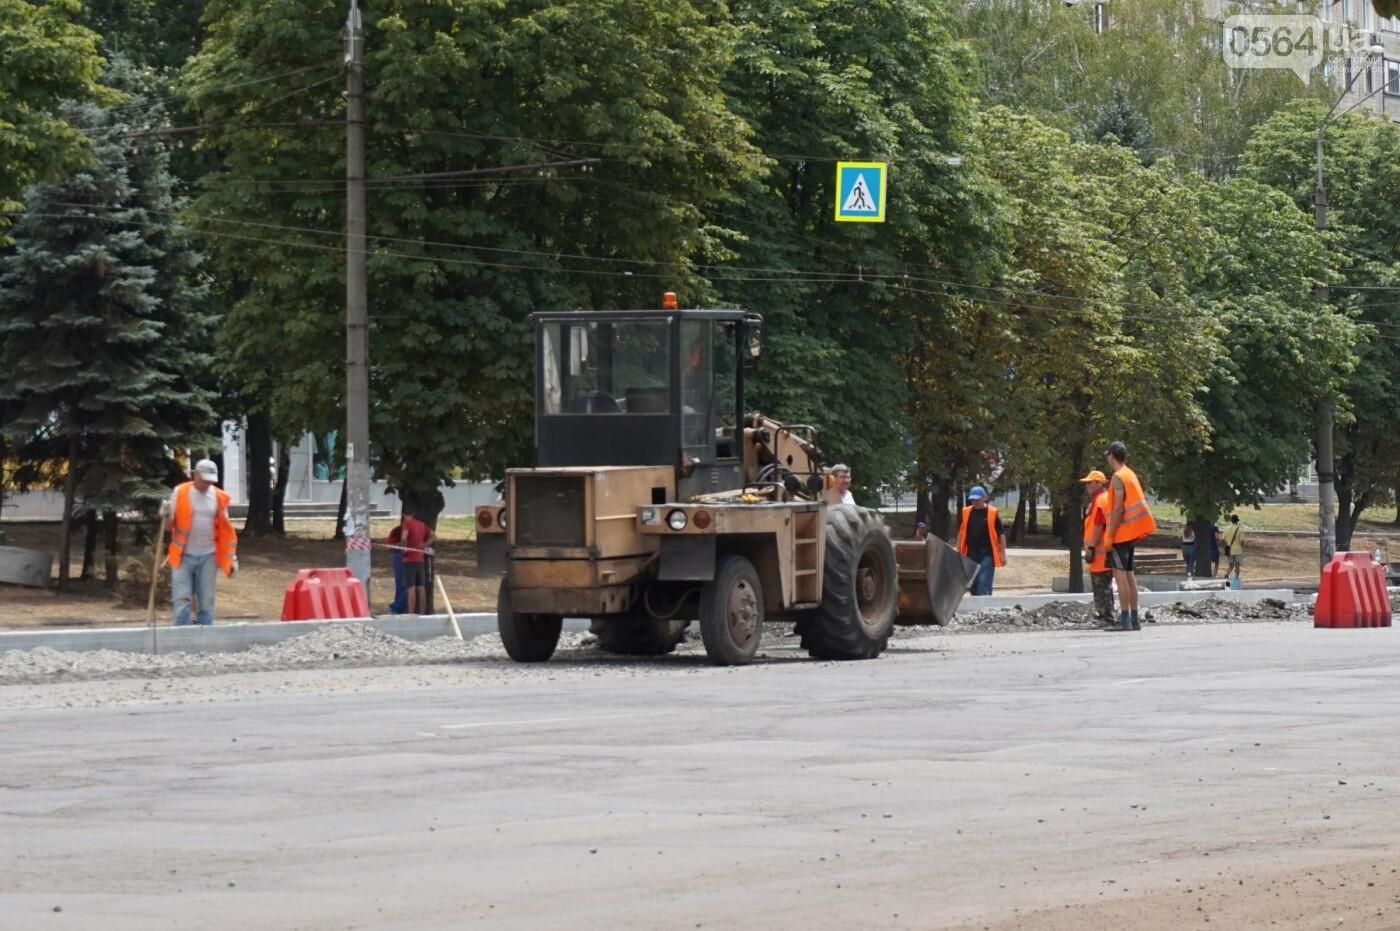 С сегодняшнего дня на центральном проспекте Кривого Рога отменены 3 остановки и запрещена парковка, - ФОТО, фото-24